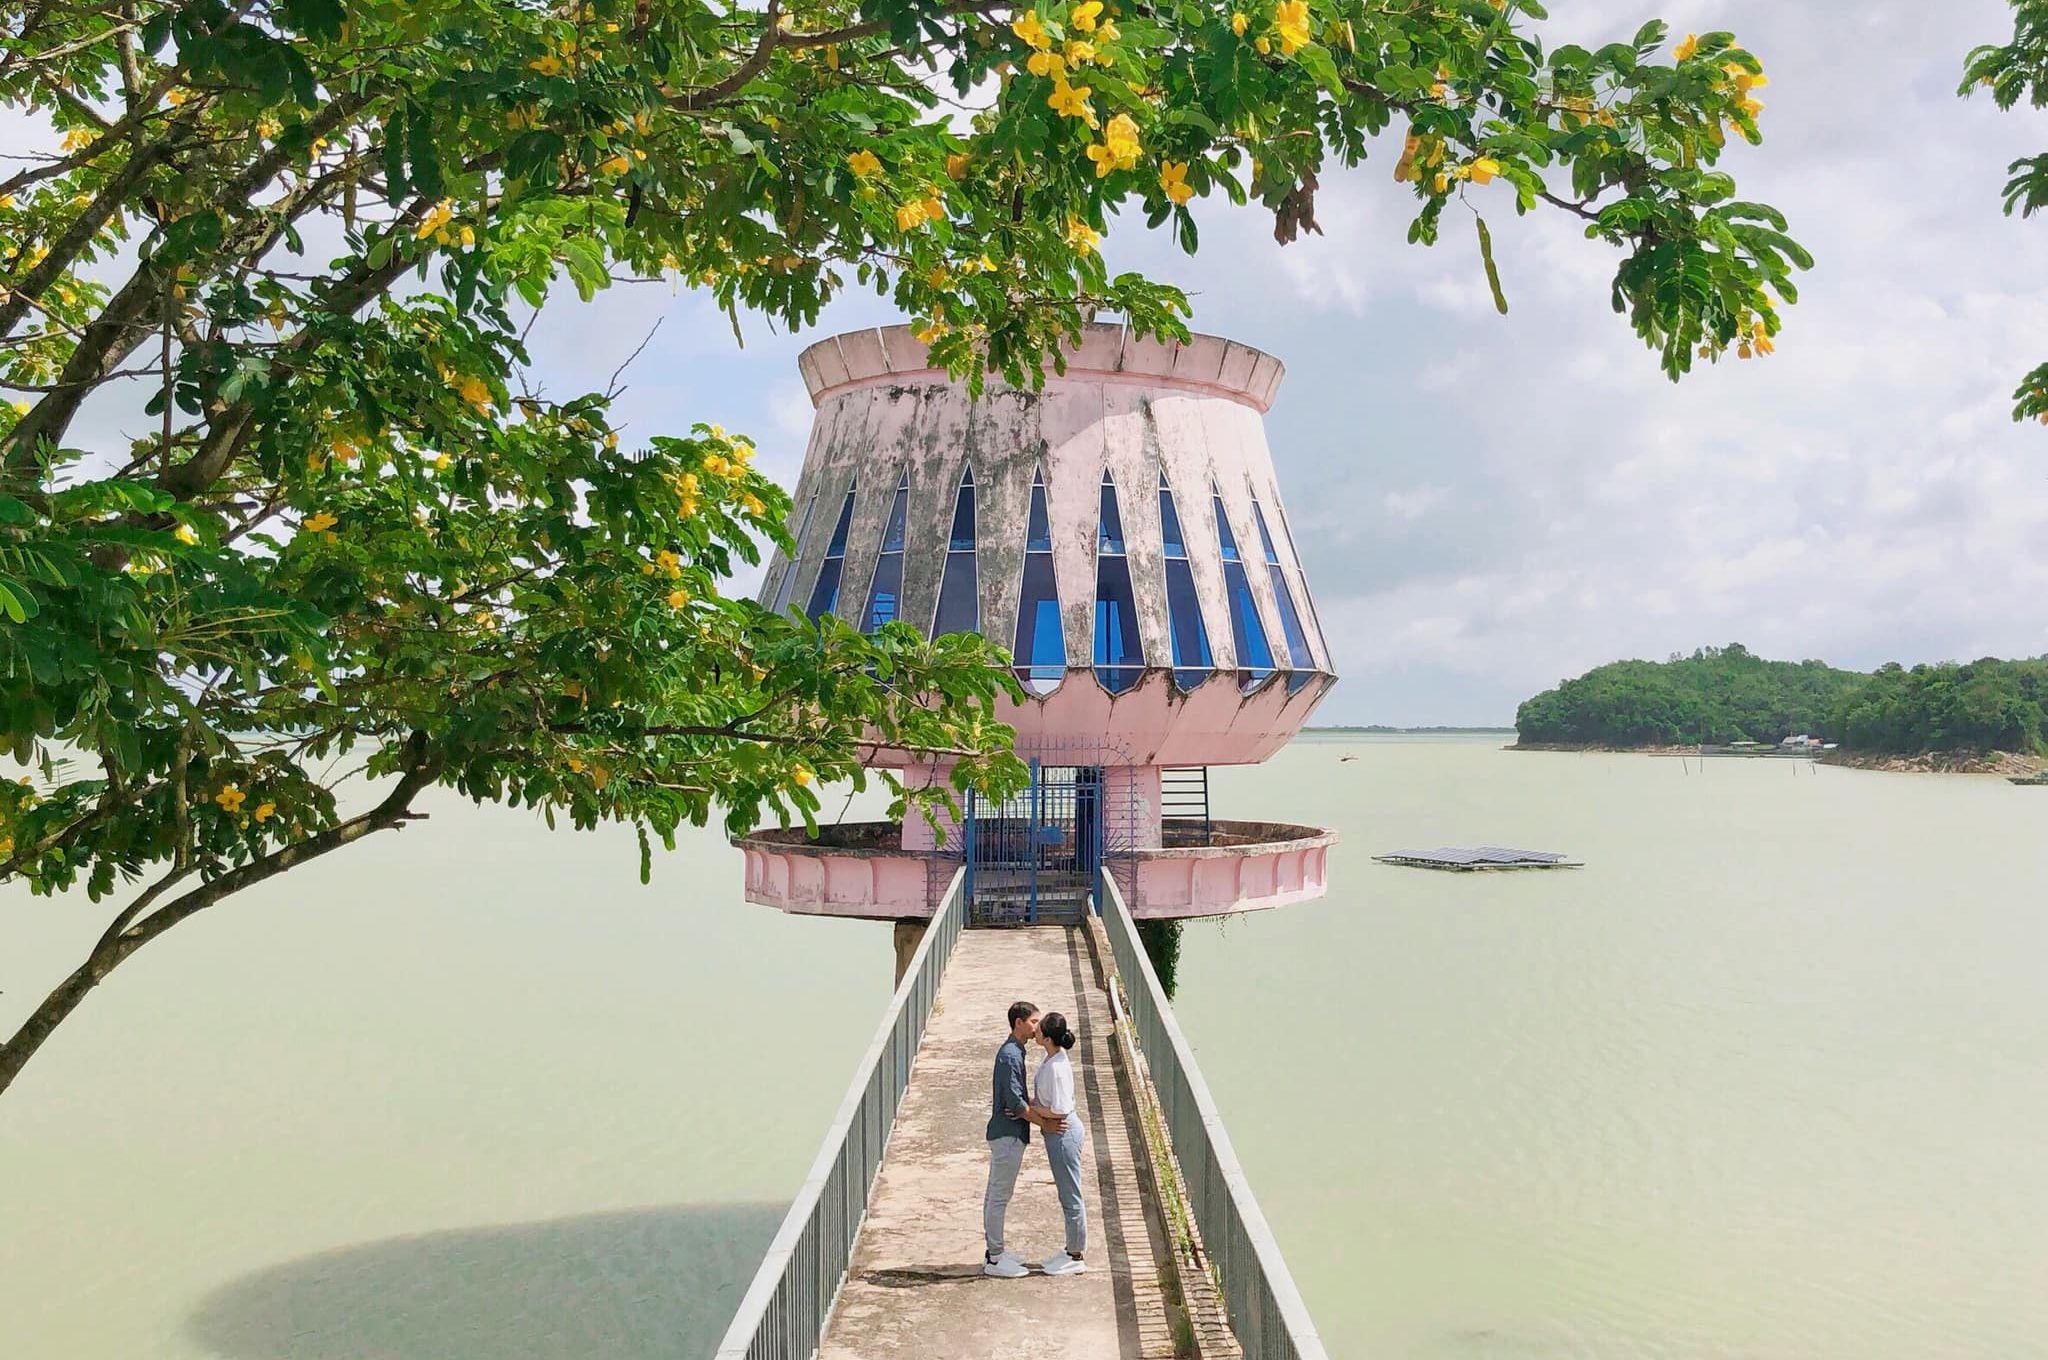 Tham quan hồ nhân tạo lớn nhất Việt Nam và thưởng ngoạn cảnh hoàng hôn tuyệt đẹp